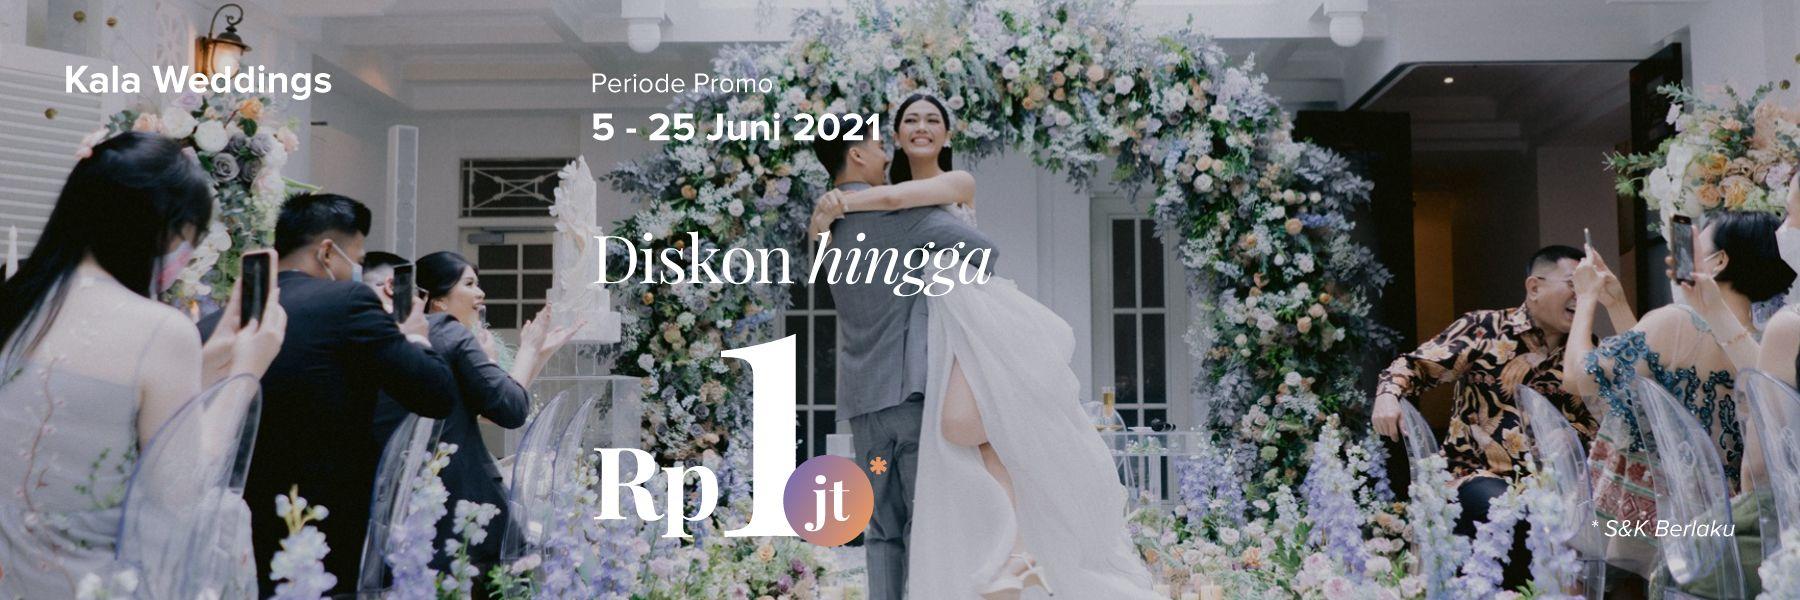 Diskon 1 Juta Rupiah untuk Dekorasi Impian di Kala Weddings